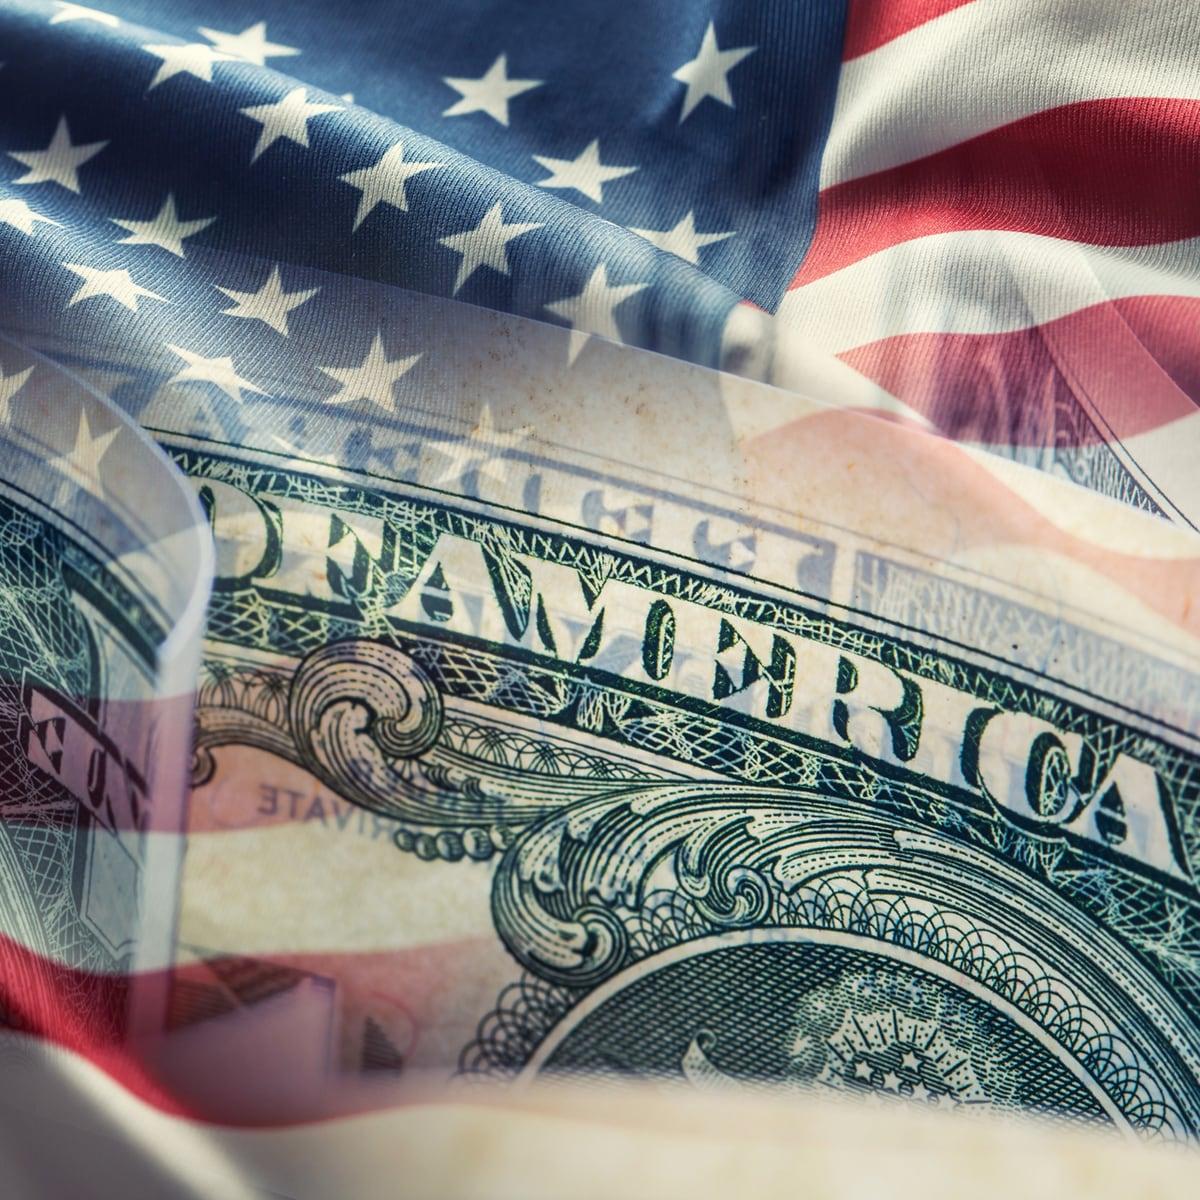 15 agosto 1971, la svolta di Nixon: il dollaro non è più legato all'oro (Corriere della Sera)